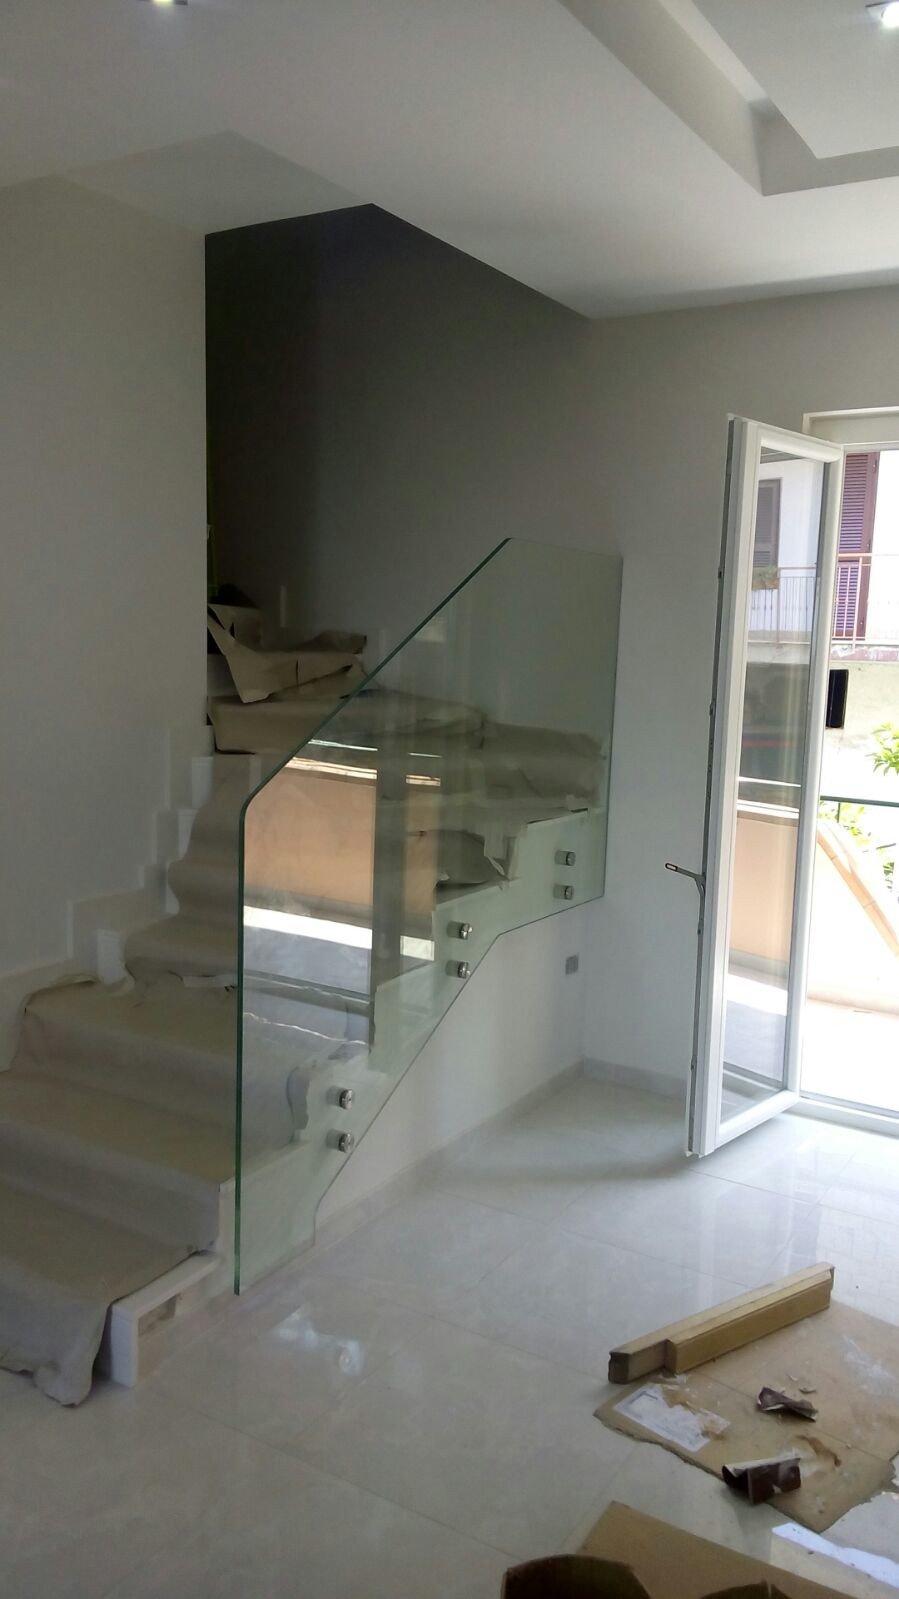 Schienale cucina vetro perfect full size of schienale cucina vetro idee di design per la casa - Schienale cucina vetro ...